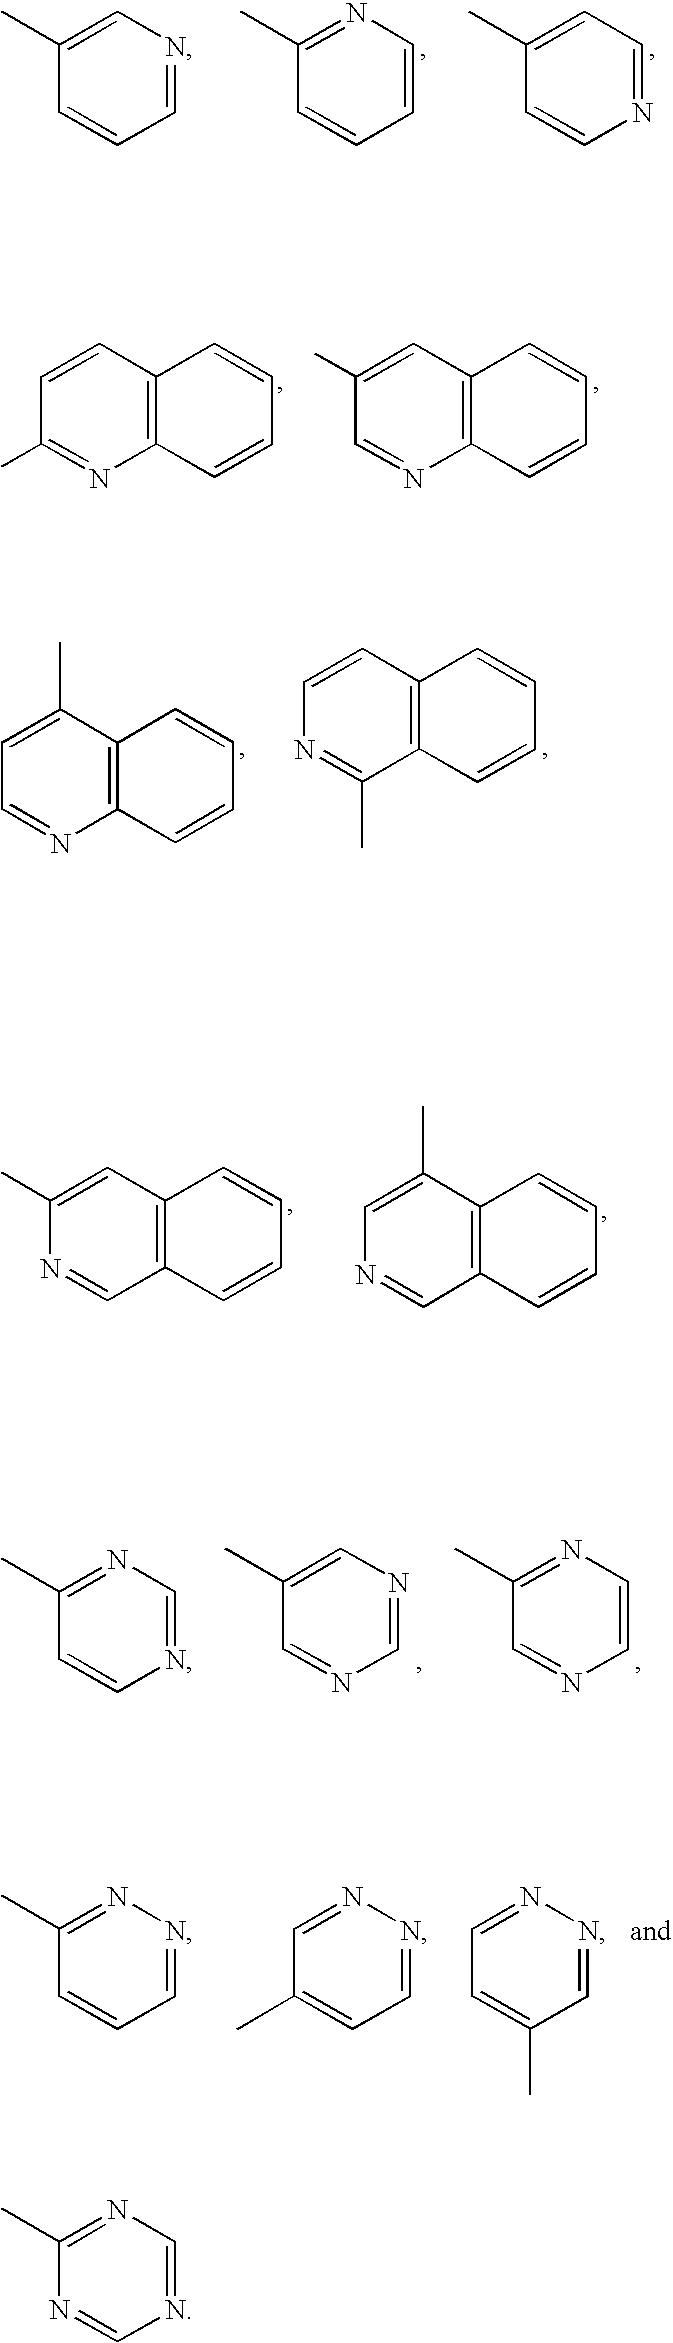 Figure US08088500-20120103-C00088